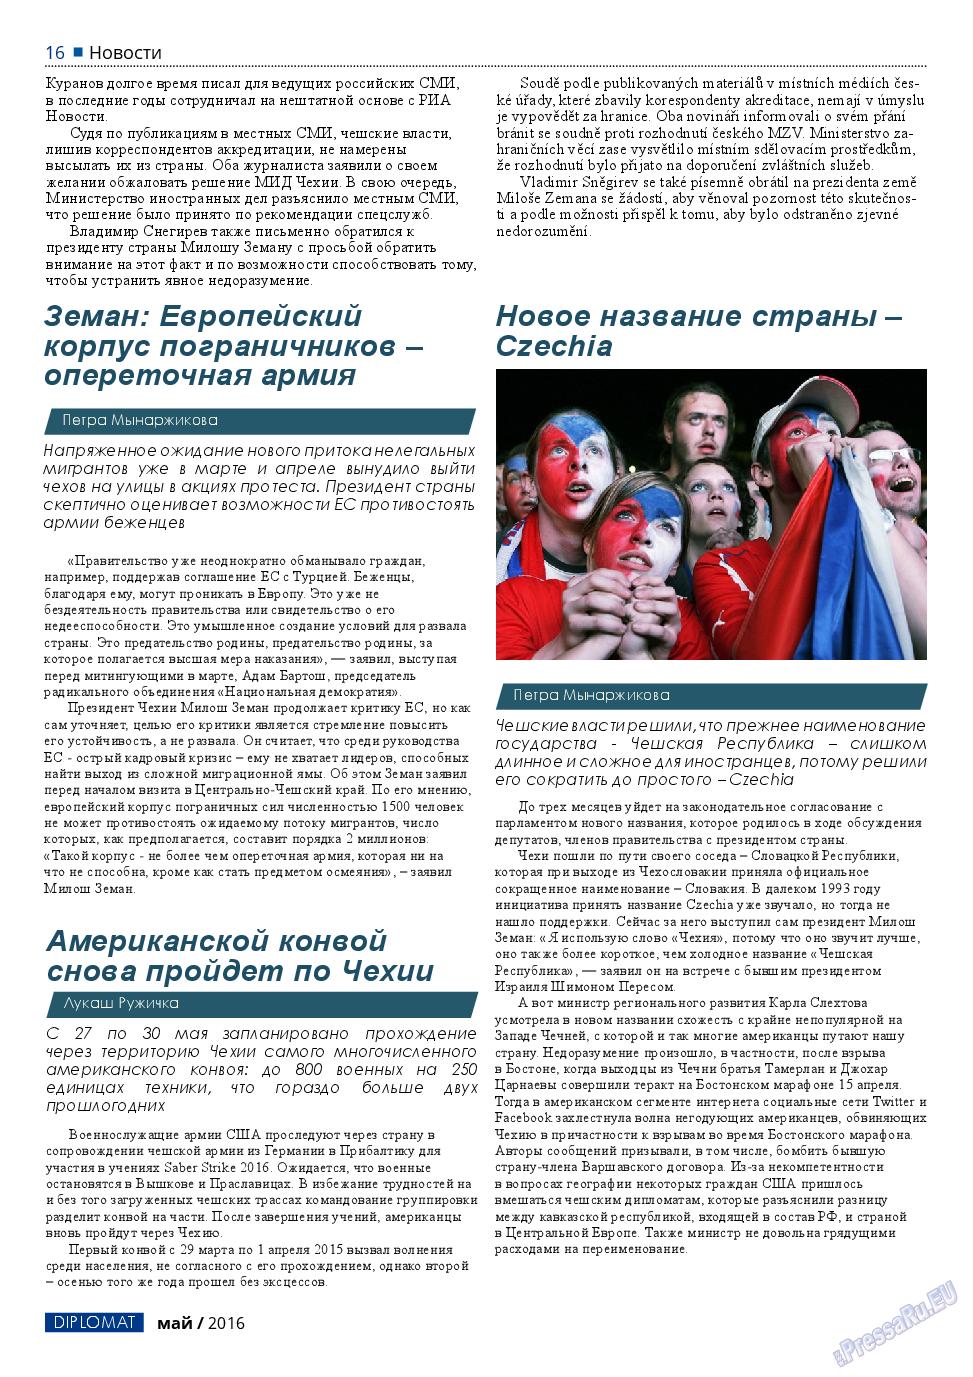 Diplomat (газета). 2016 год, номер 80, стр. 16